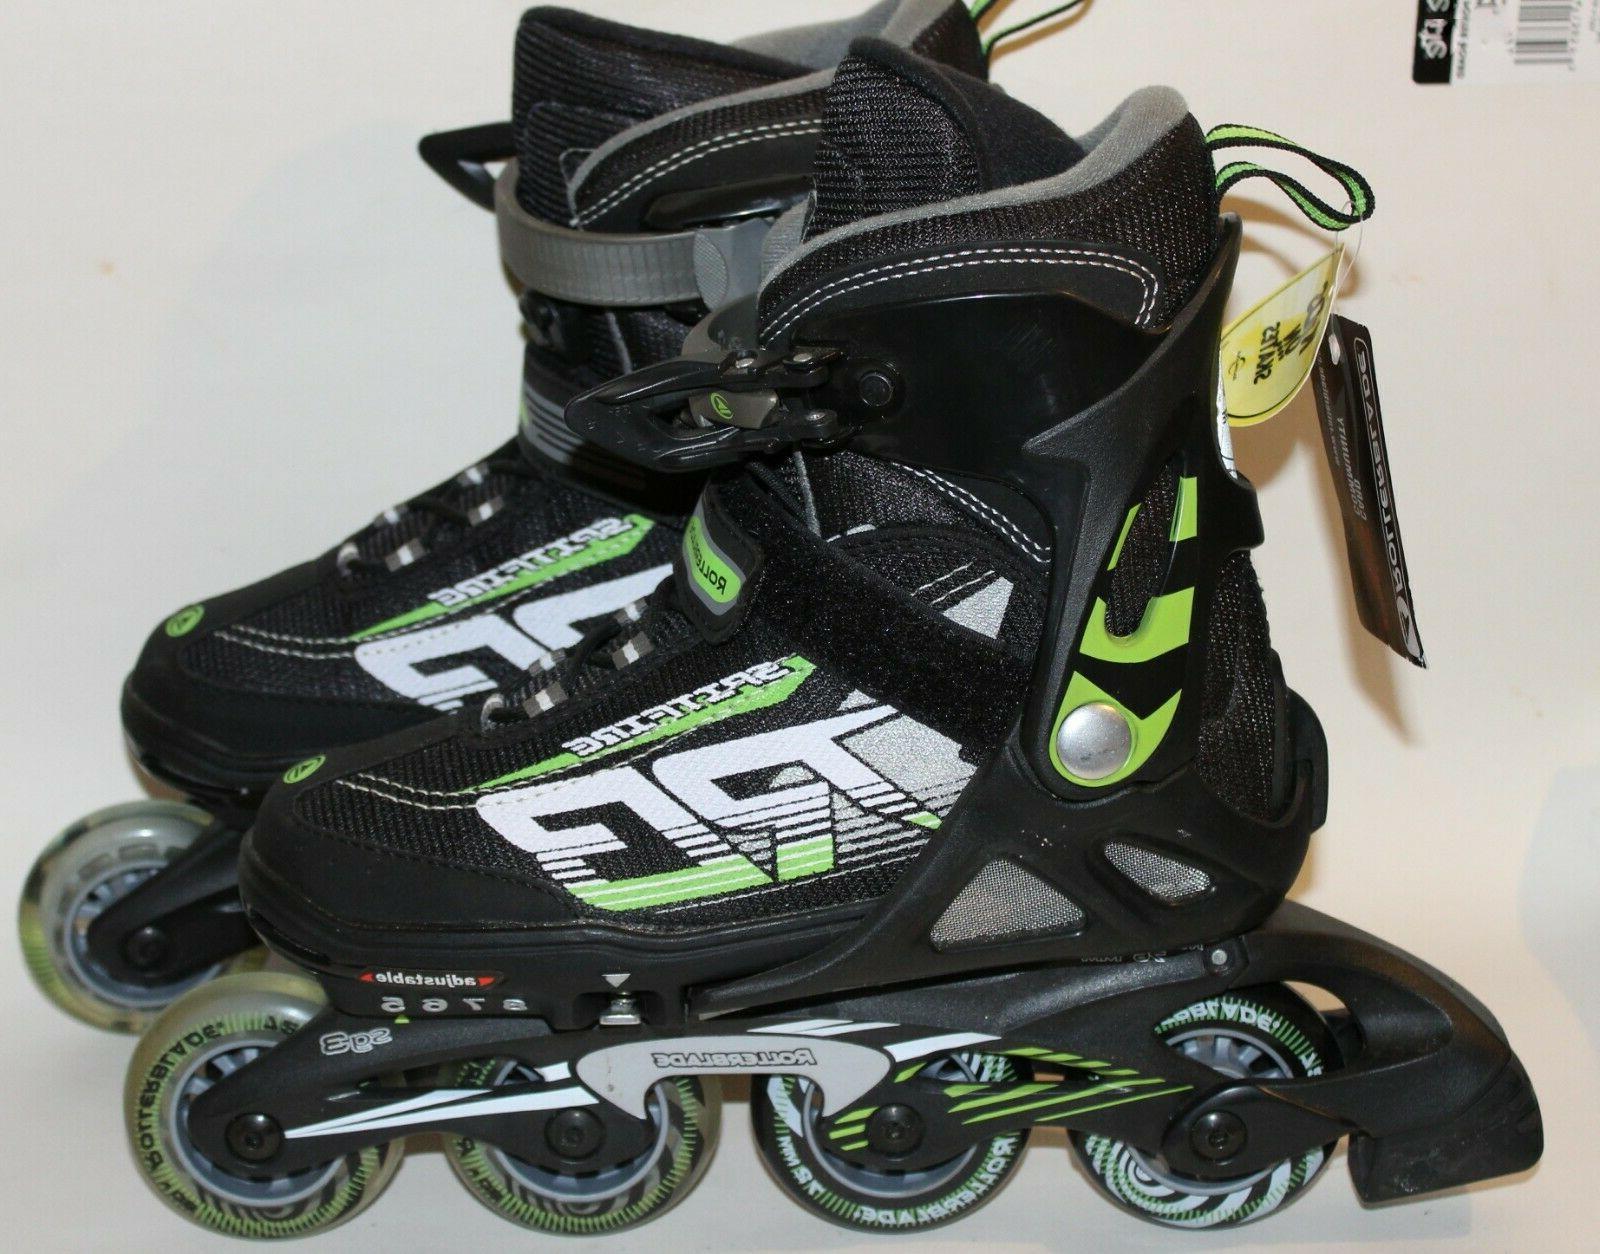 spitfire xt adjustable kids inline skates y5